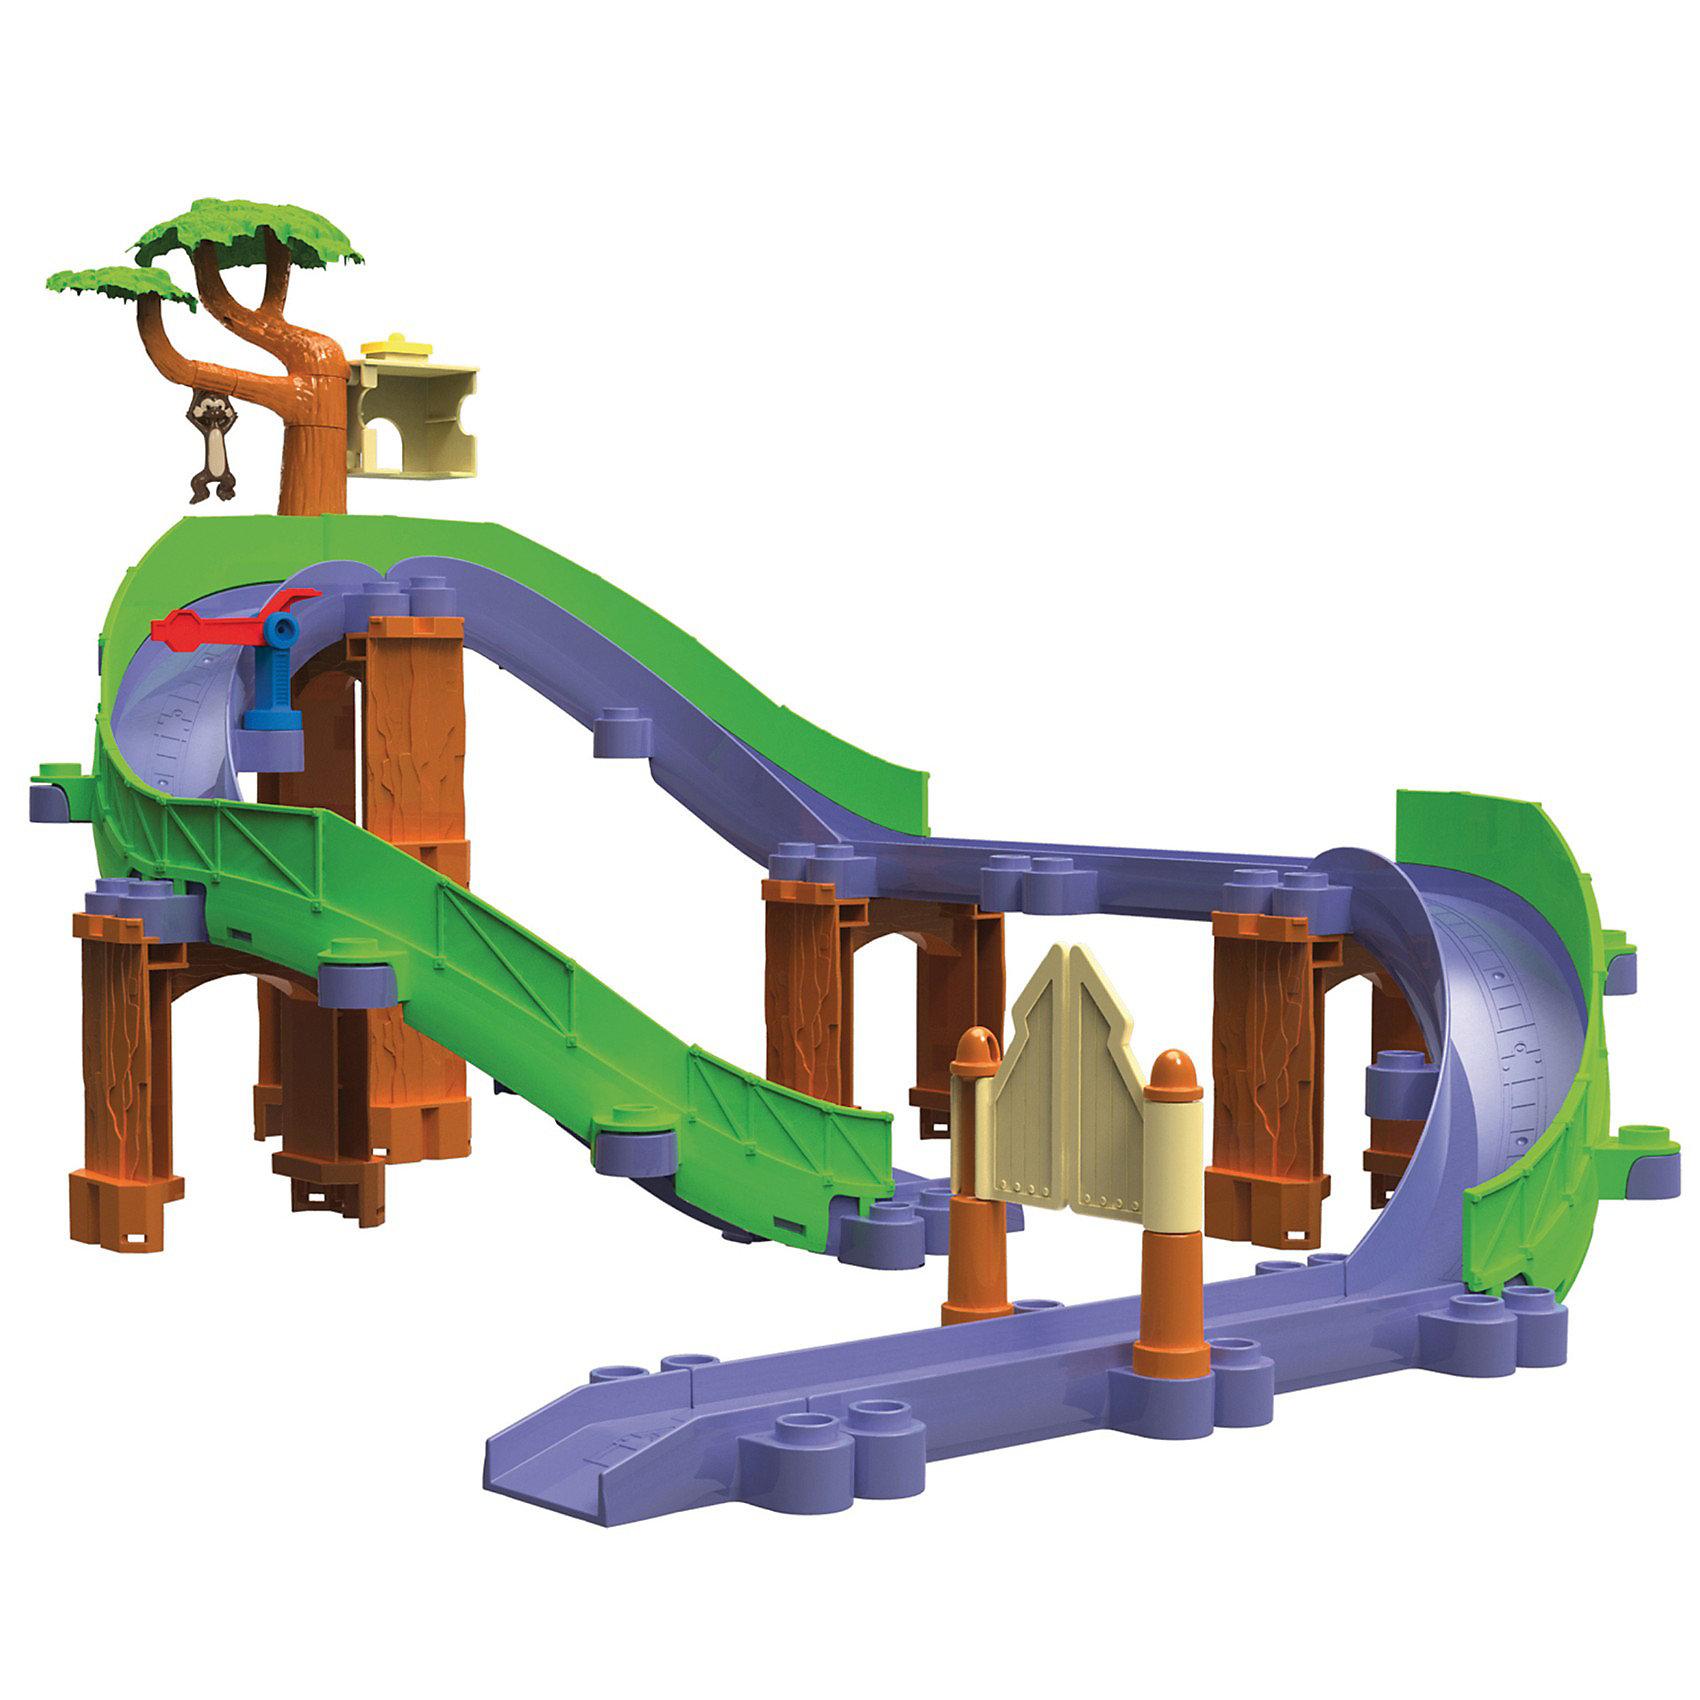 Сафари-приключения с Коко, ЧаггингтонИгровой набор Сафари-приключения с Коко, Чаггингтон посвящён приключениям весёлого паровозика Коко. <br><br>Набор может трансформироваться как в замкнутый круг, так и в трассу для скоростного спуска (3 варианта сборки). На дороге паровозикам встретятся ворота, шлагбаум и зеленое дерево, на котором живет обезьянка. На дереве закреплена корзина для груза, куда его доставит Коко. Ветка, на которой висит обезьянка, подвижная, нужно повернуть её по часовой стрелке до щелчка, затем поставить груз в корзину и ветка с раскачивающейся обезьянкой вернется на место. Обезьянка при этом весело на ней раскачивается, словно настоящая! Детали трека легко соединяются между собой и могут служить дополнением к любым наборам паровозиков Чаггингтон из серии Die Cast (Дай Каст).<br><br>Комплектация:<br>-детали для сборки трека<br>-паровозик Коко<br>-грузовой вагончик и груз<br>-дерево с обезьянкой<br>-корзина для груза<br>-ворота<br>-шлагбаум<br>-инструкция по сборке<br><br>Дополнительная информация:<br><br>- Размеры упаковки: 40,5х25,5х11,5 см<br>- Вес: 1,4 кг<br>- Размер паровозика: 8х3х4 см<br>- Материал: пластик и металл<br><br>Веселая, увлекательная игра поможет в развитии воображения и фантазии и даст возможность окунуться в атмосферу любимого мультфильма.<br><br>Игровой набор Сафари-приключения с Коко, Чаггингтон (Chuggington) можно купить в нашем магазине.<br><br>Ширина мм: 409<br>Глубина мм: 258<br>Высота мм: 121<br>Вес г: 1270<br>Возраст от месяцев: 36<br>Возраст до месяцев: 60<br>Пол: Унисекс<br>Возраст: Детский<br>SKU: 3102134